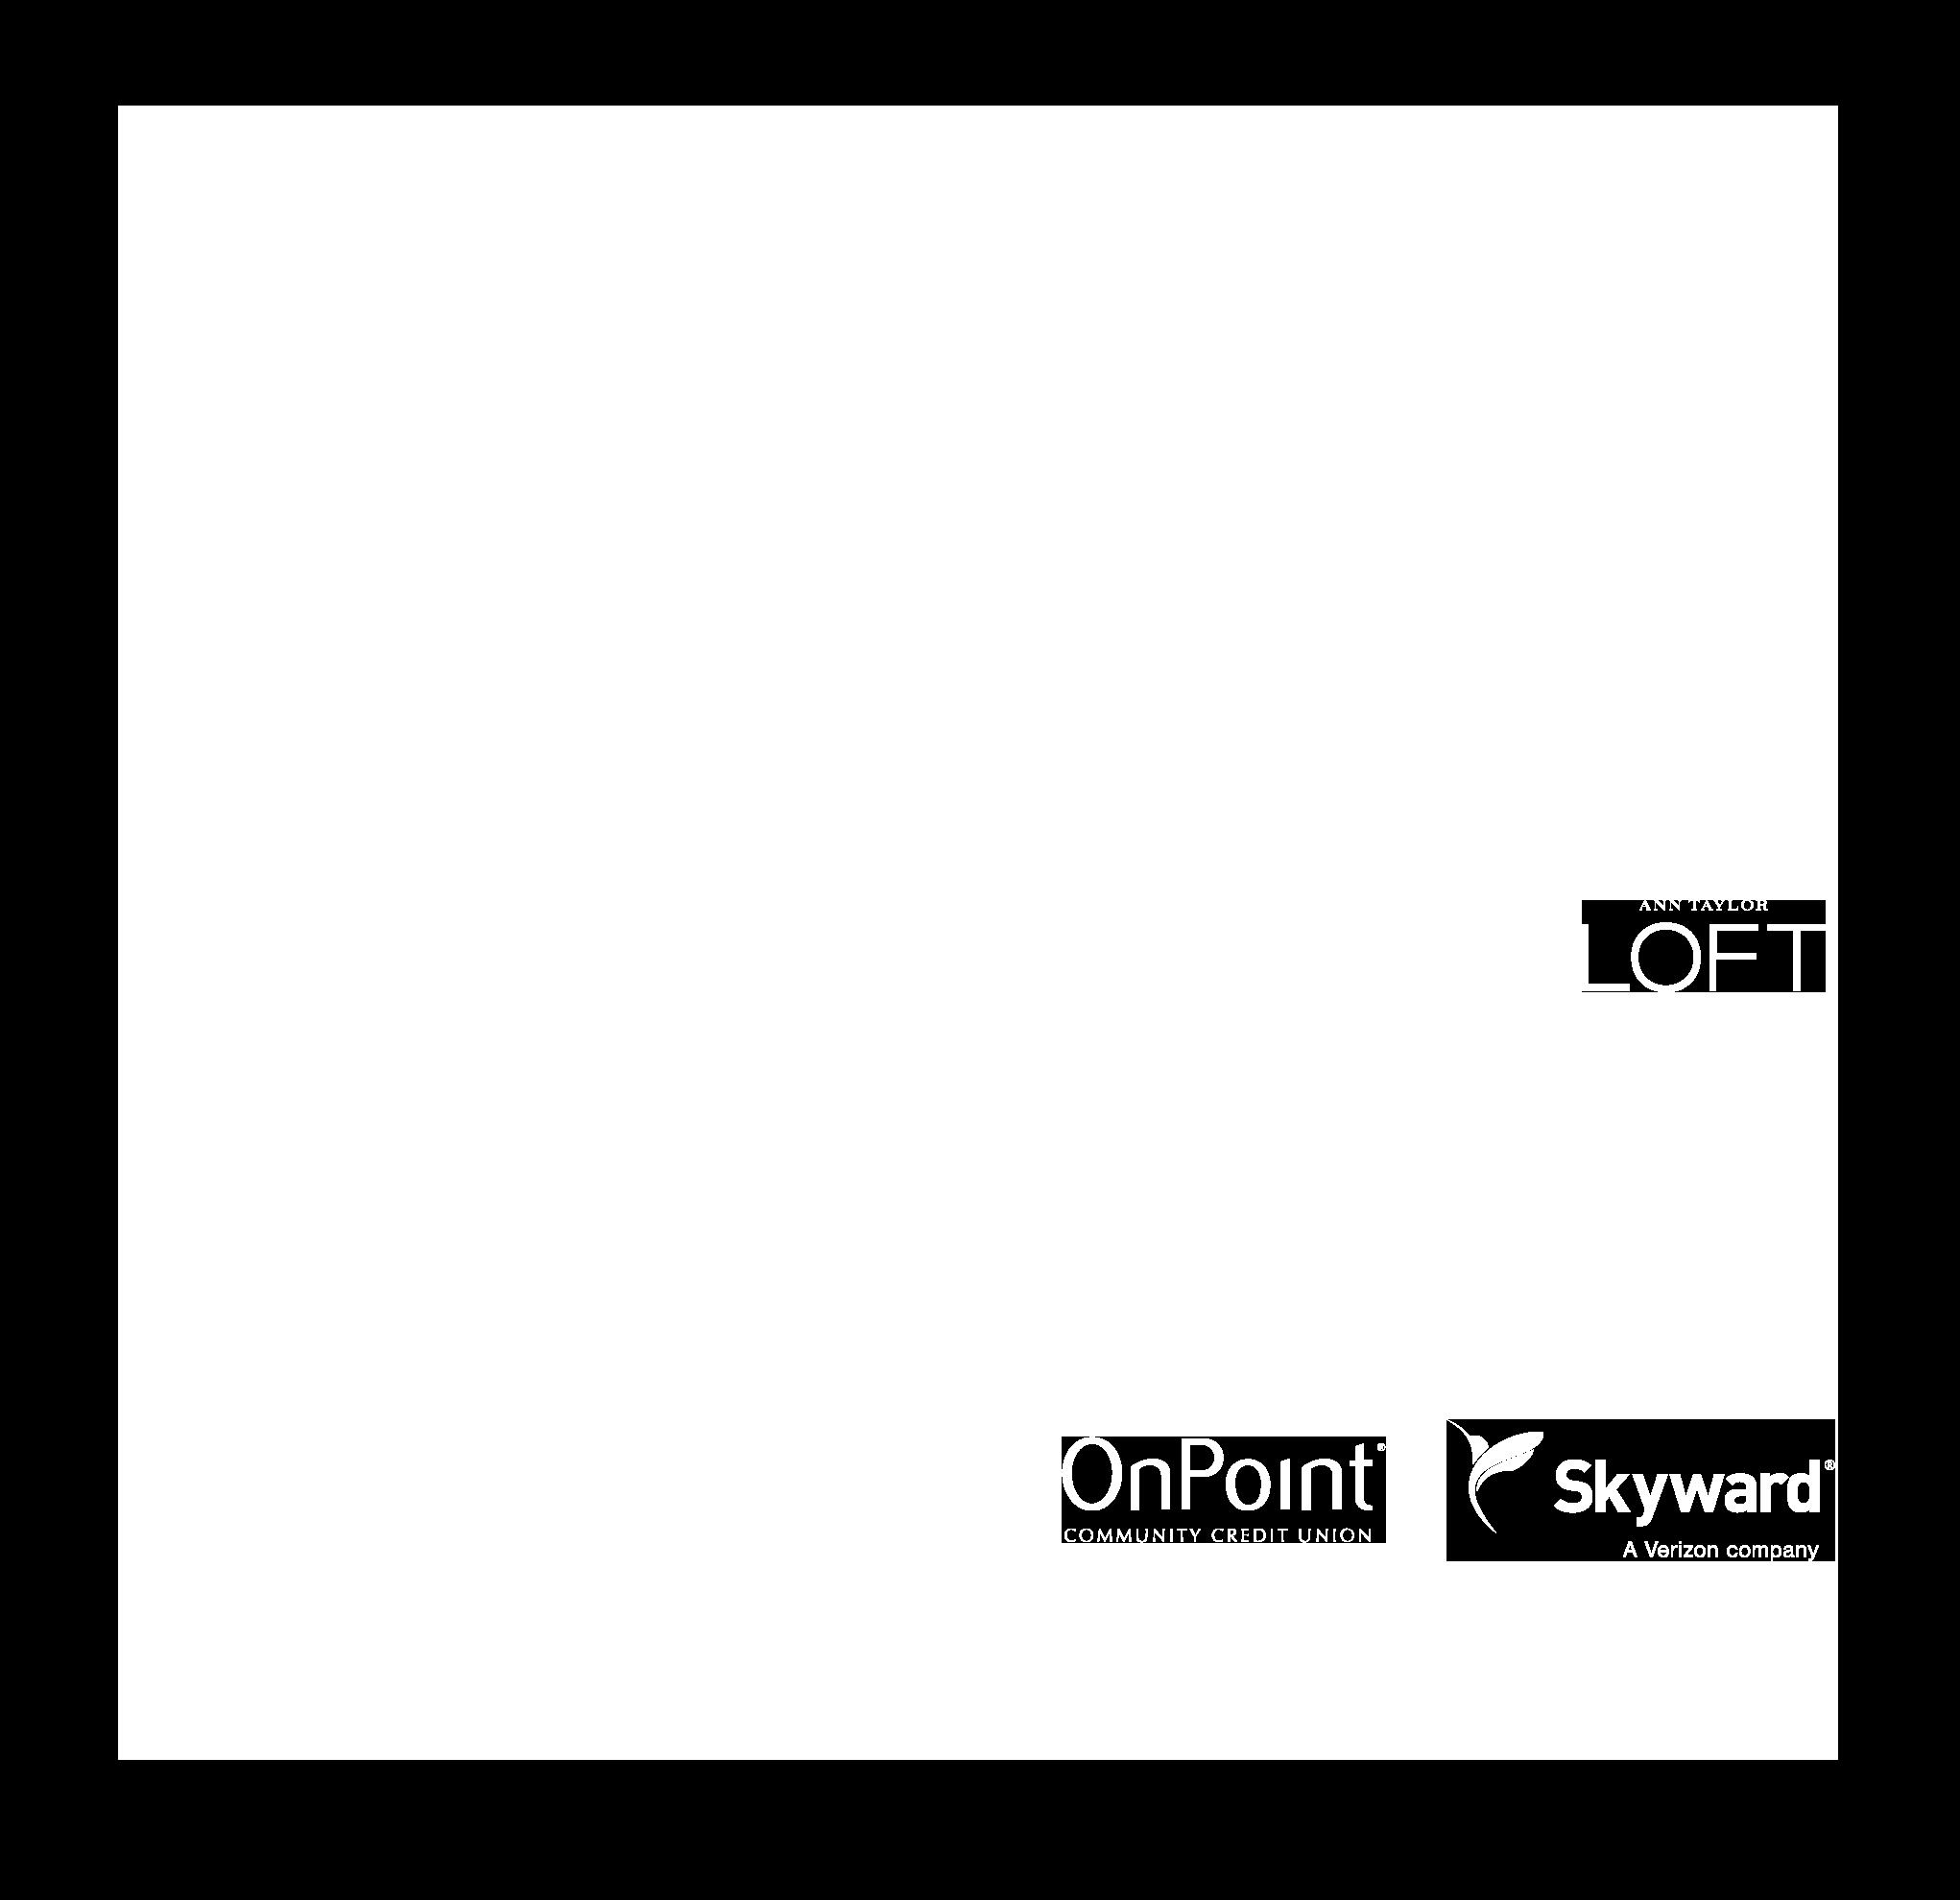 logo collage v1 - color - verticle3_TL.png